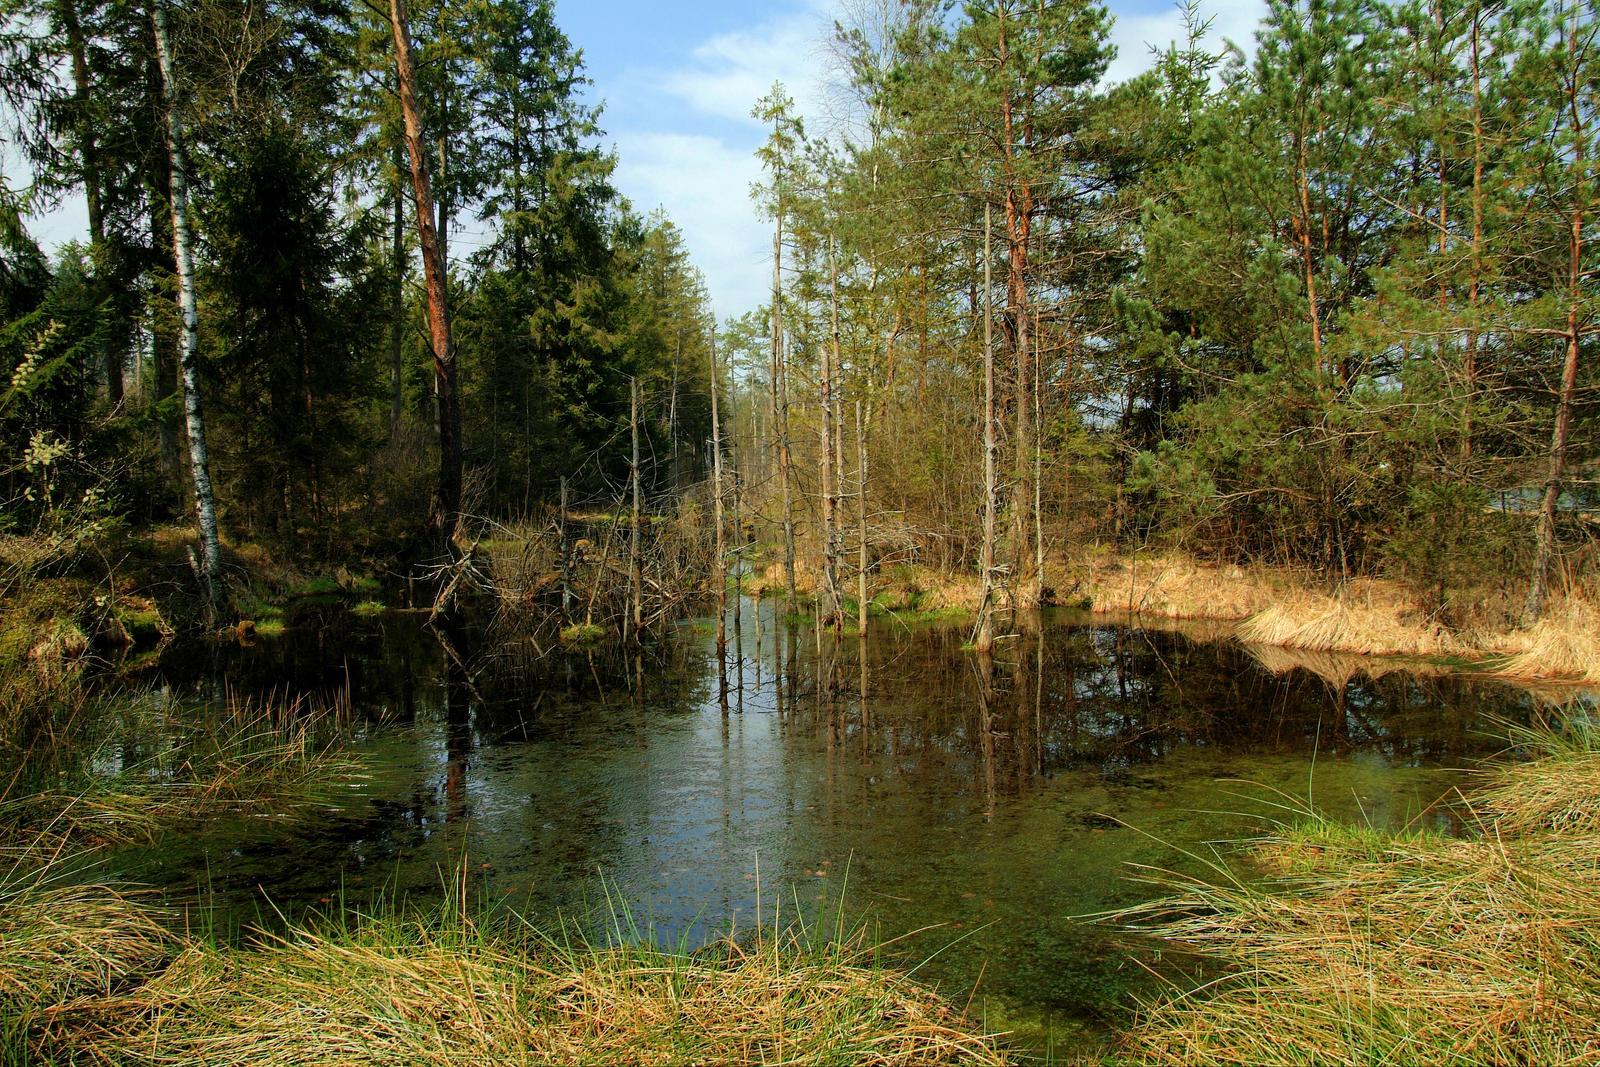 Mudpuddle by Burtn